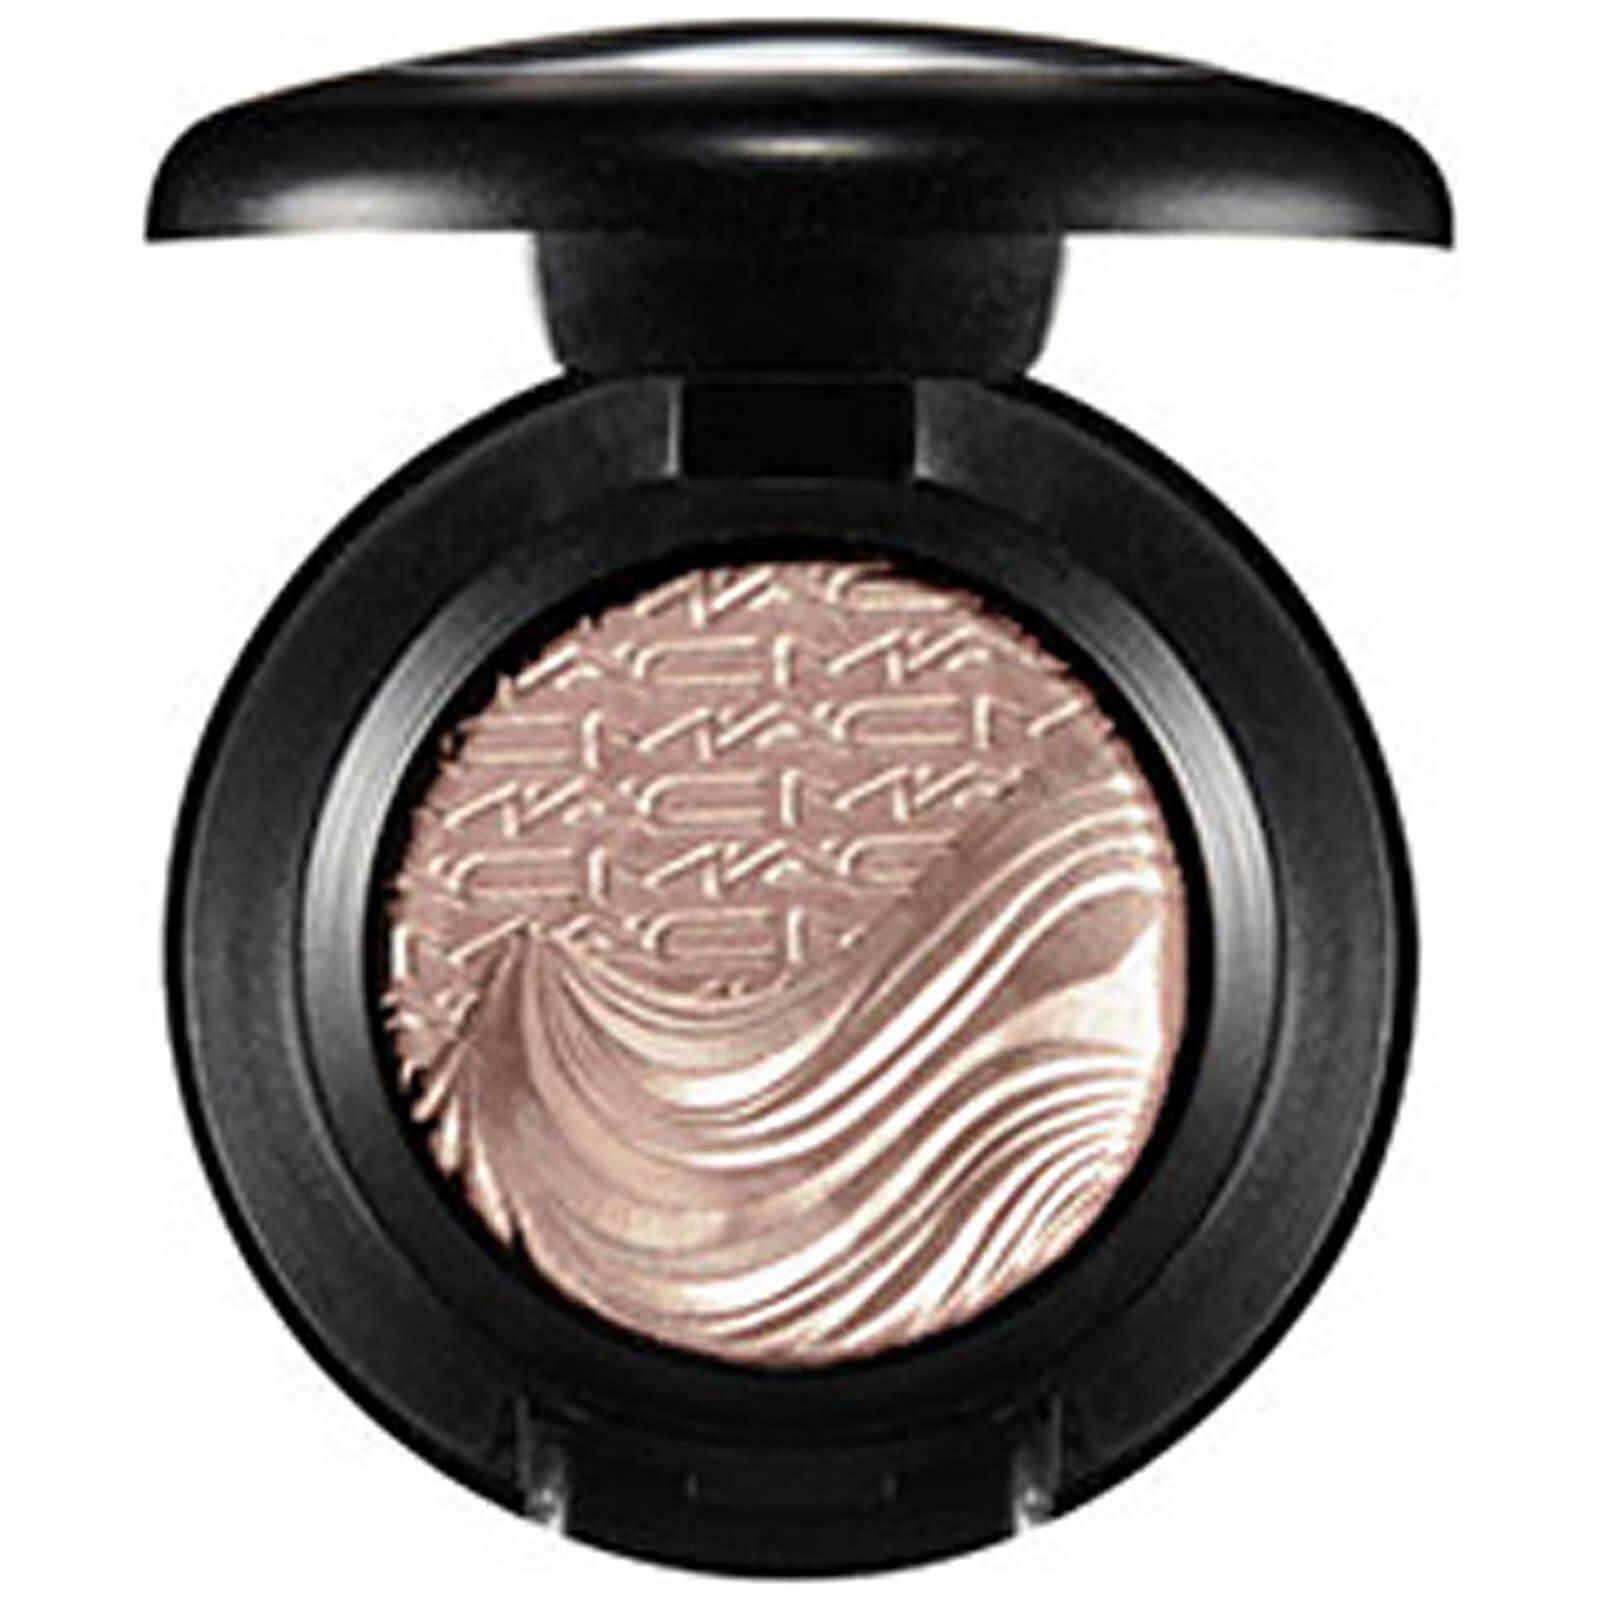 Mac Sombras de Ojos  Extra Dimension Eye Shadow (Varios Tonos) - A Natural Flirt